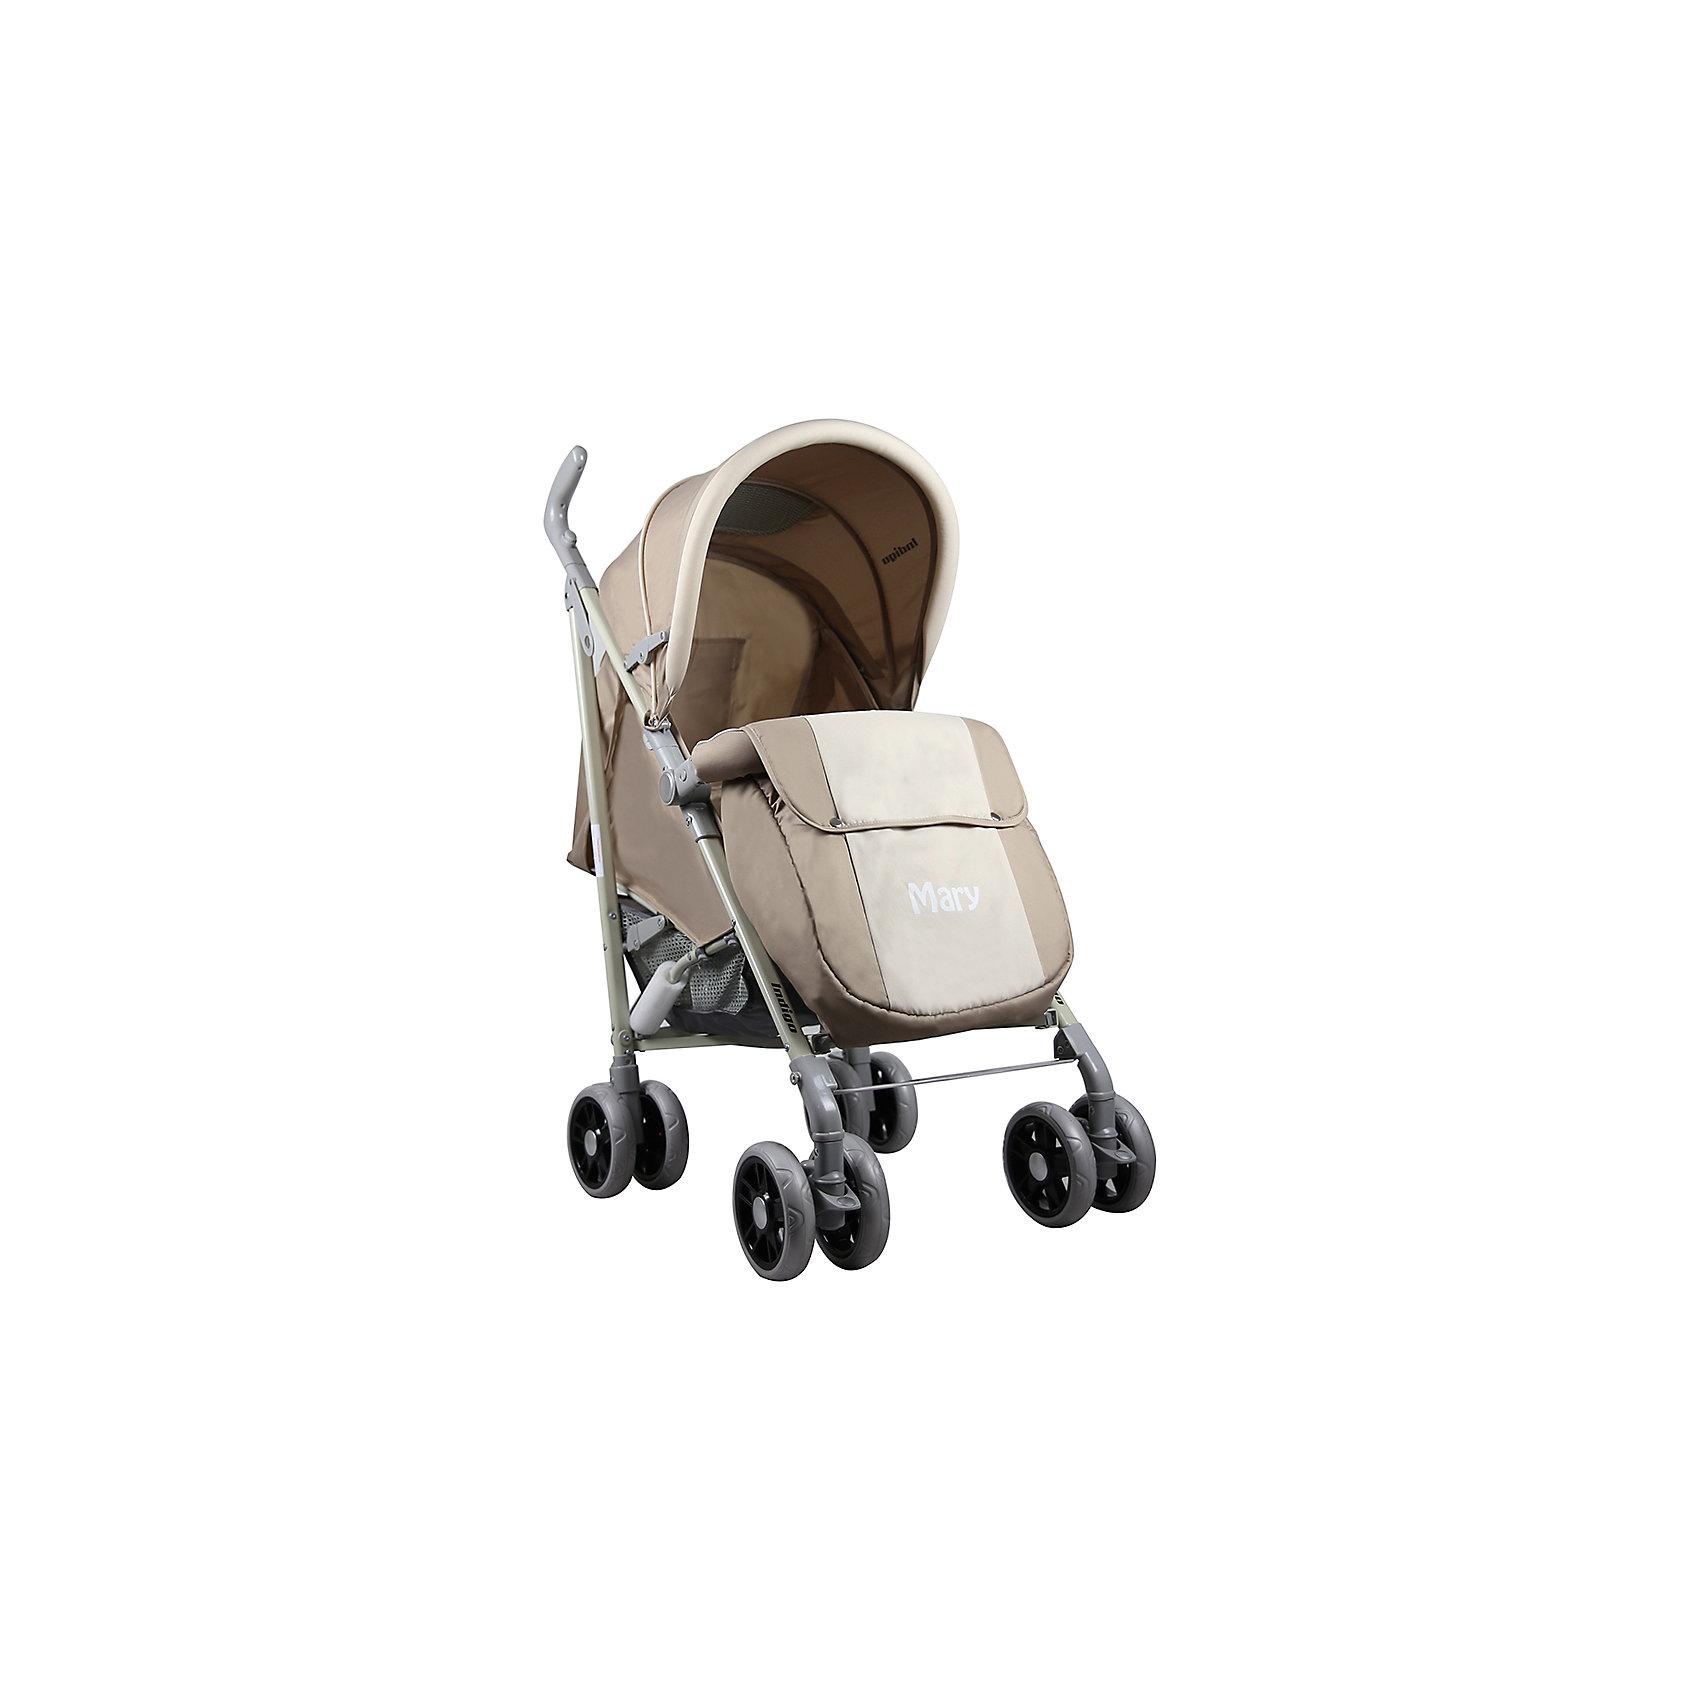 Коляска-трость Indigo MARY, бежевыйНедорогие коляски<br>Характеристики коляски-трости Indigo MARY<br><br>Прогулочный блок:<br><br>• регулируемая спинка: угол наклона 160 градусов;<br>• регулируемая подножка, 2 положения;<br>• 3-х точечные ремни безопасности;<br>• смотровое окошко под клапаном; <br>• капюшон оснащен солнцезащитным козырьком, <br>• кармашек под клапаном;<br>• бампер с мягкой накладкой отводится в сторону для посадки ребенка;<br>• имеется разделитель для ножек;<br>• чехол на ножки согревает ребенка в прохладную погоду.<br><br>Рама коляски: <br><br>• сдвоенные колеса: плавающие передние с блокировкой, задние оснащены тормозом;<br>• механизм складывания: трость;<br>• диаметр колес: 15 см;<br>• материал колес - пластик.<br><br>Размер коляски в сложенном виде: 94х11,х16 см<br>Вес коляски: 7,7 кг<br>Вес в упаковке: 8 кг<br><br>Коляску-трость MARY, Indigo, бежевый можно купить в нашем интернет-магазине.<br><br>Ширина мм: 940<br>Глубина мм: 115<br>Высота мм: 160<br>Вес г: 7700<br>Возраст от месяцев: 12<br>Возраст до месяцев: 36<br>Пол: Унисекс<br>Возраст: Детский<br>SKU: 5511837